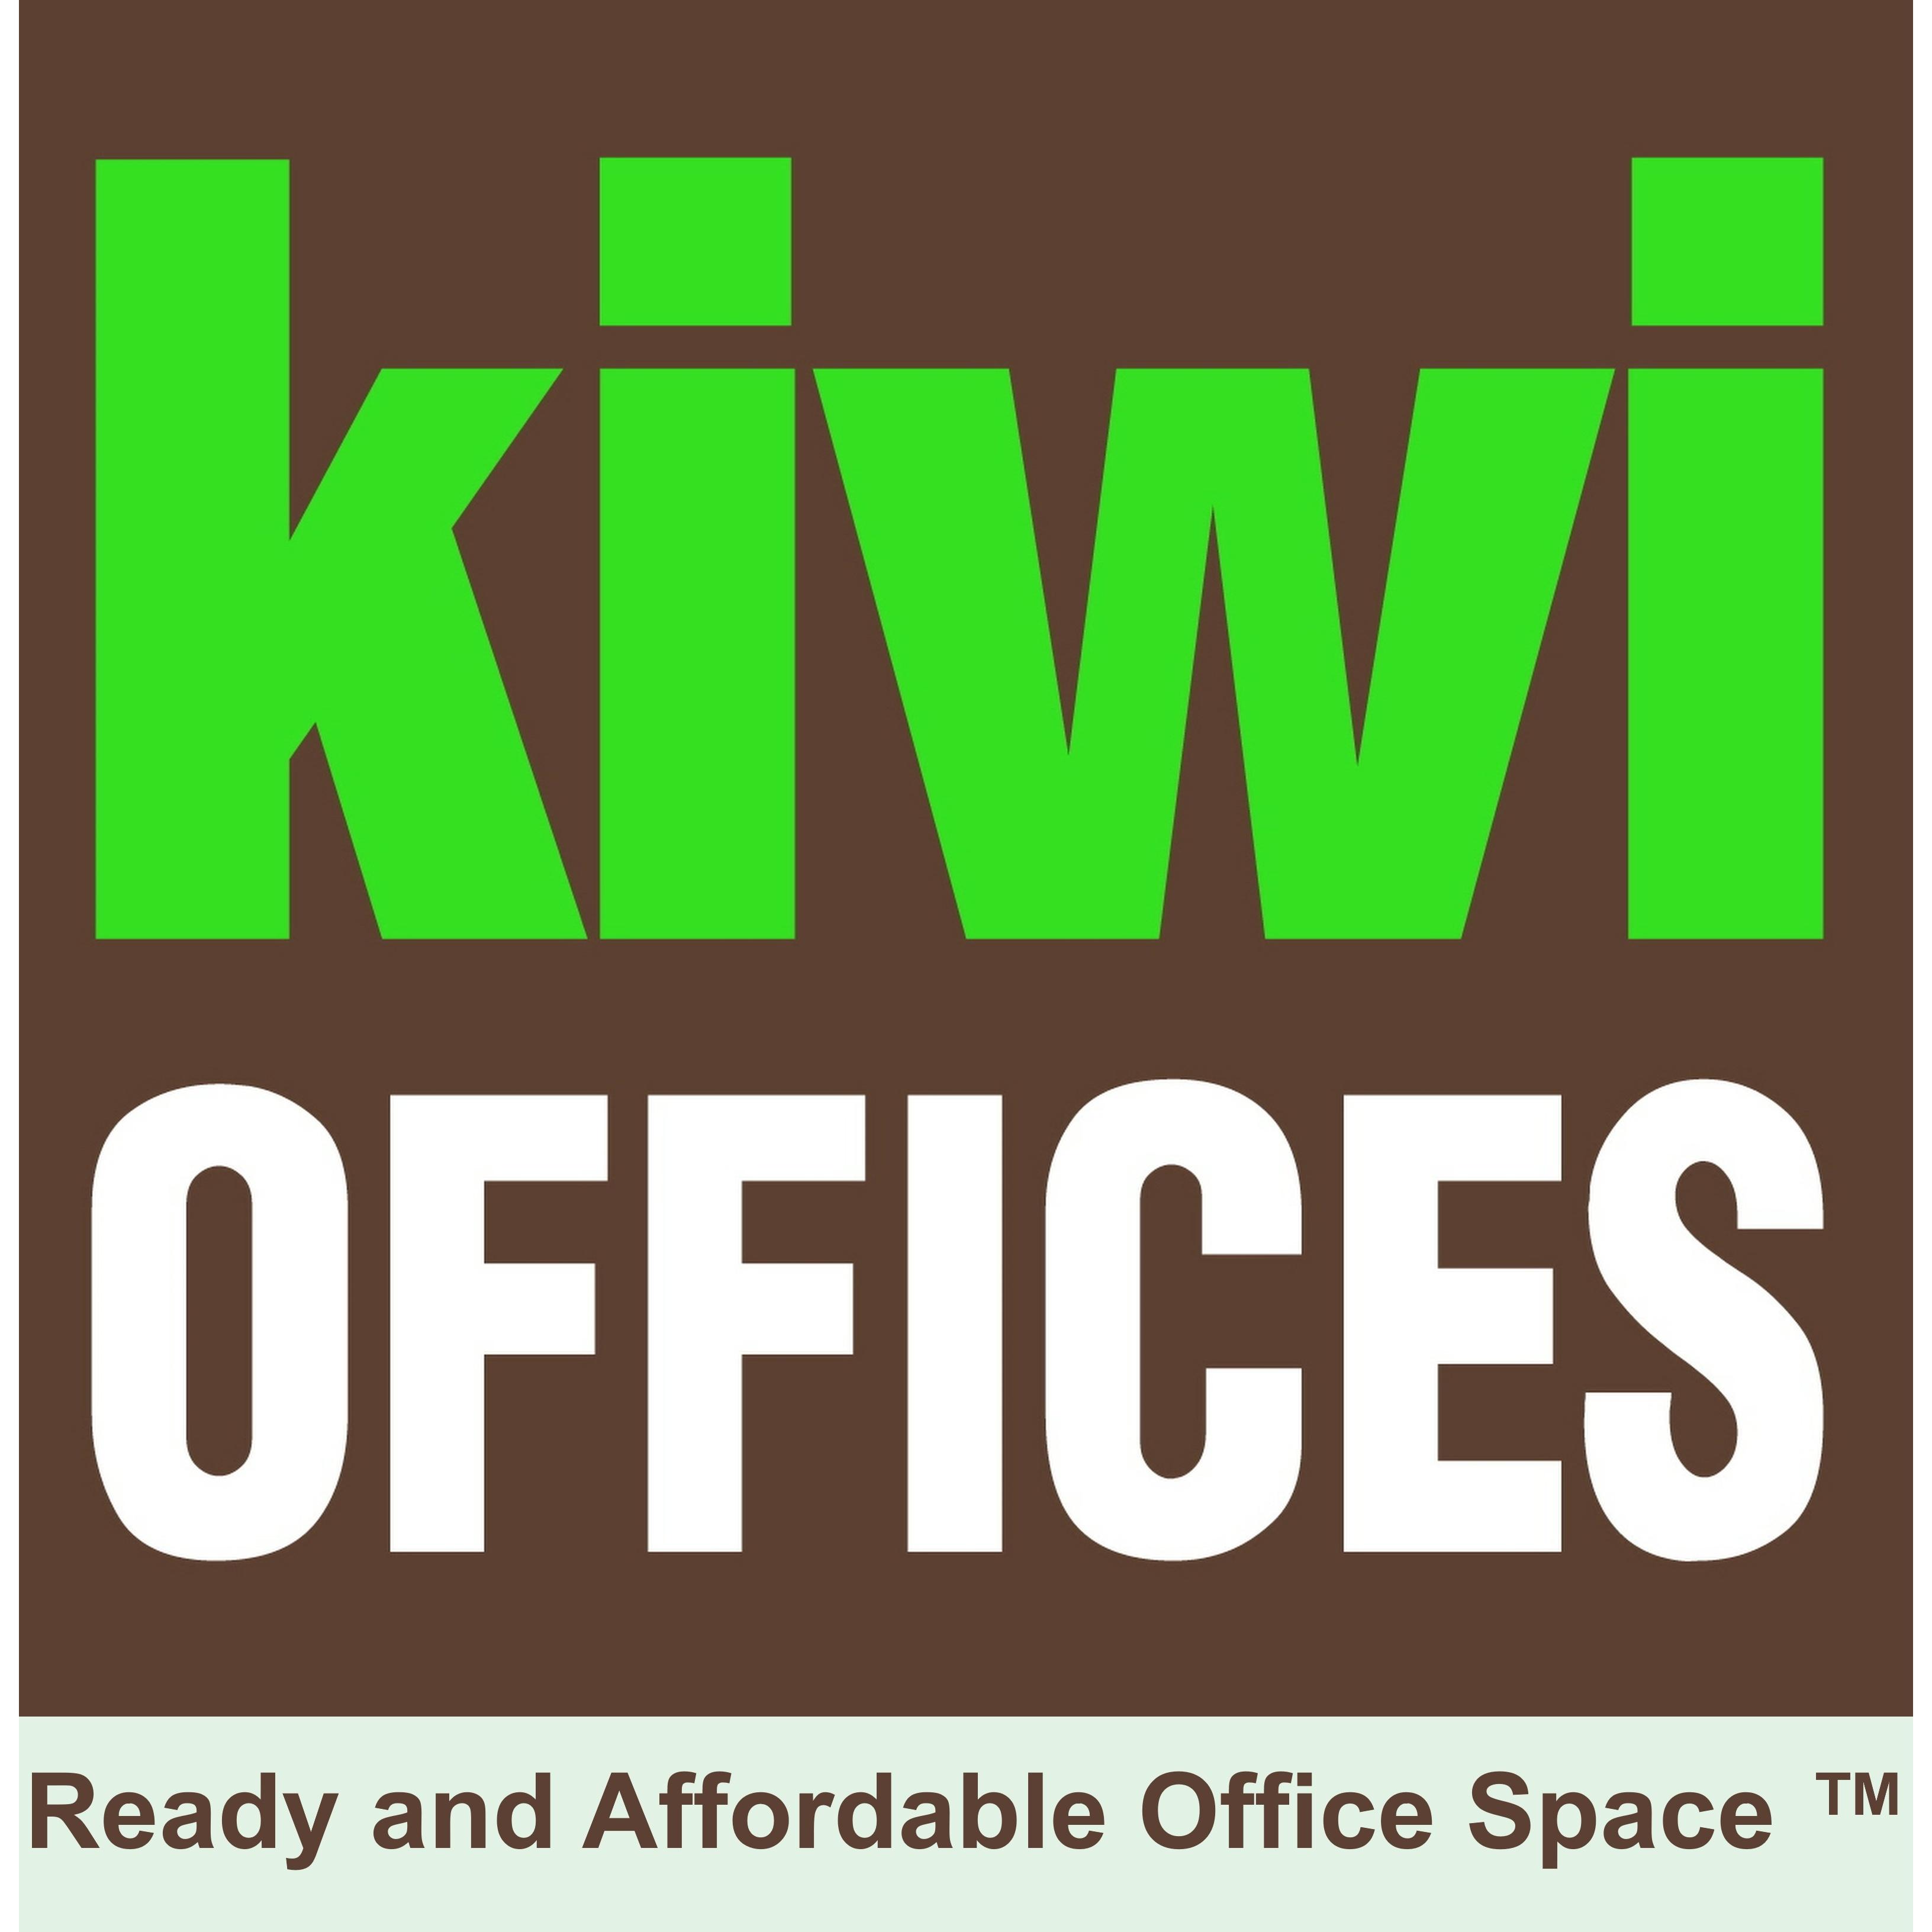 Kiwi Offices